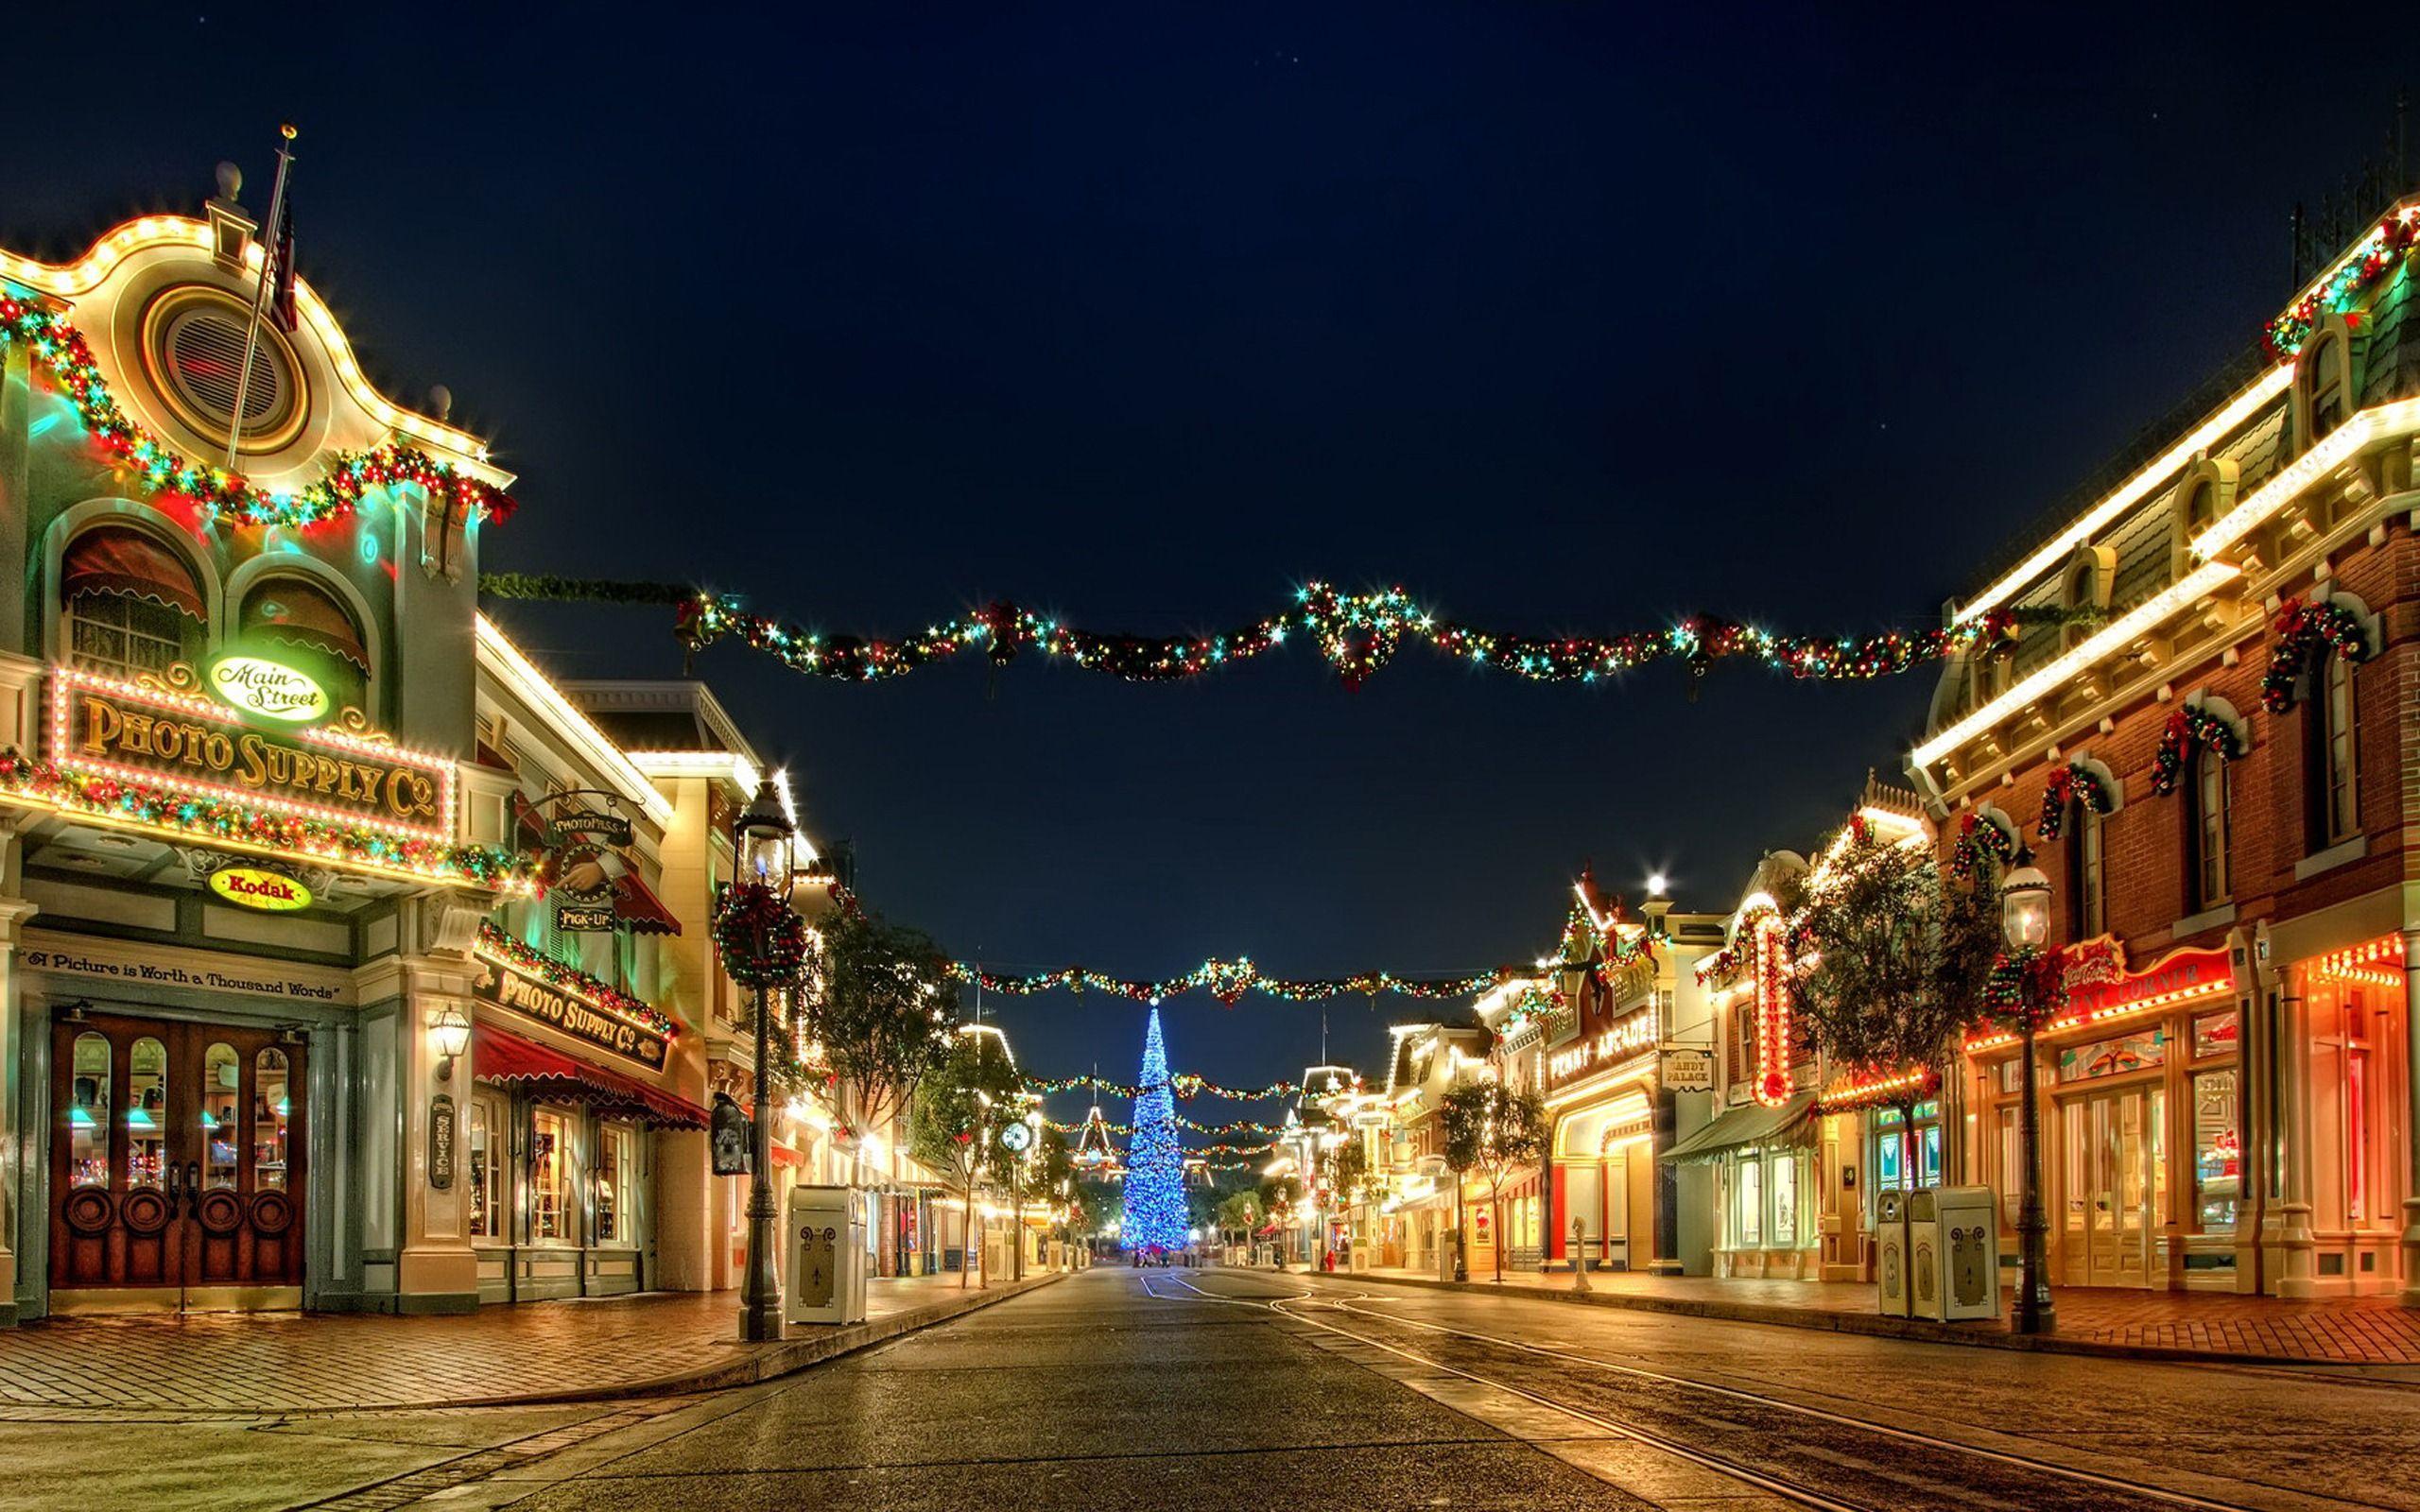 Hình nền trang trí đường phố Giáng sinh 2560x1600